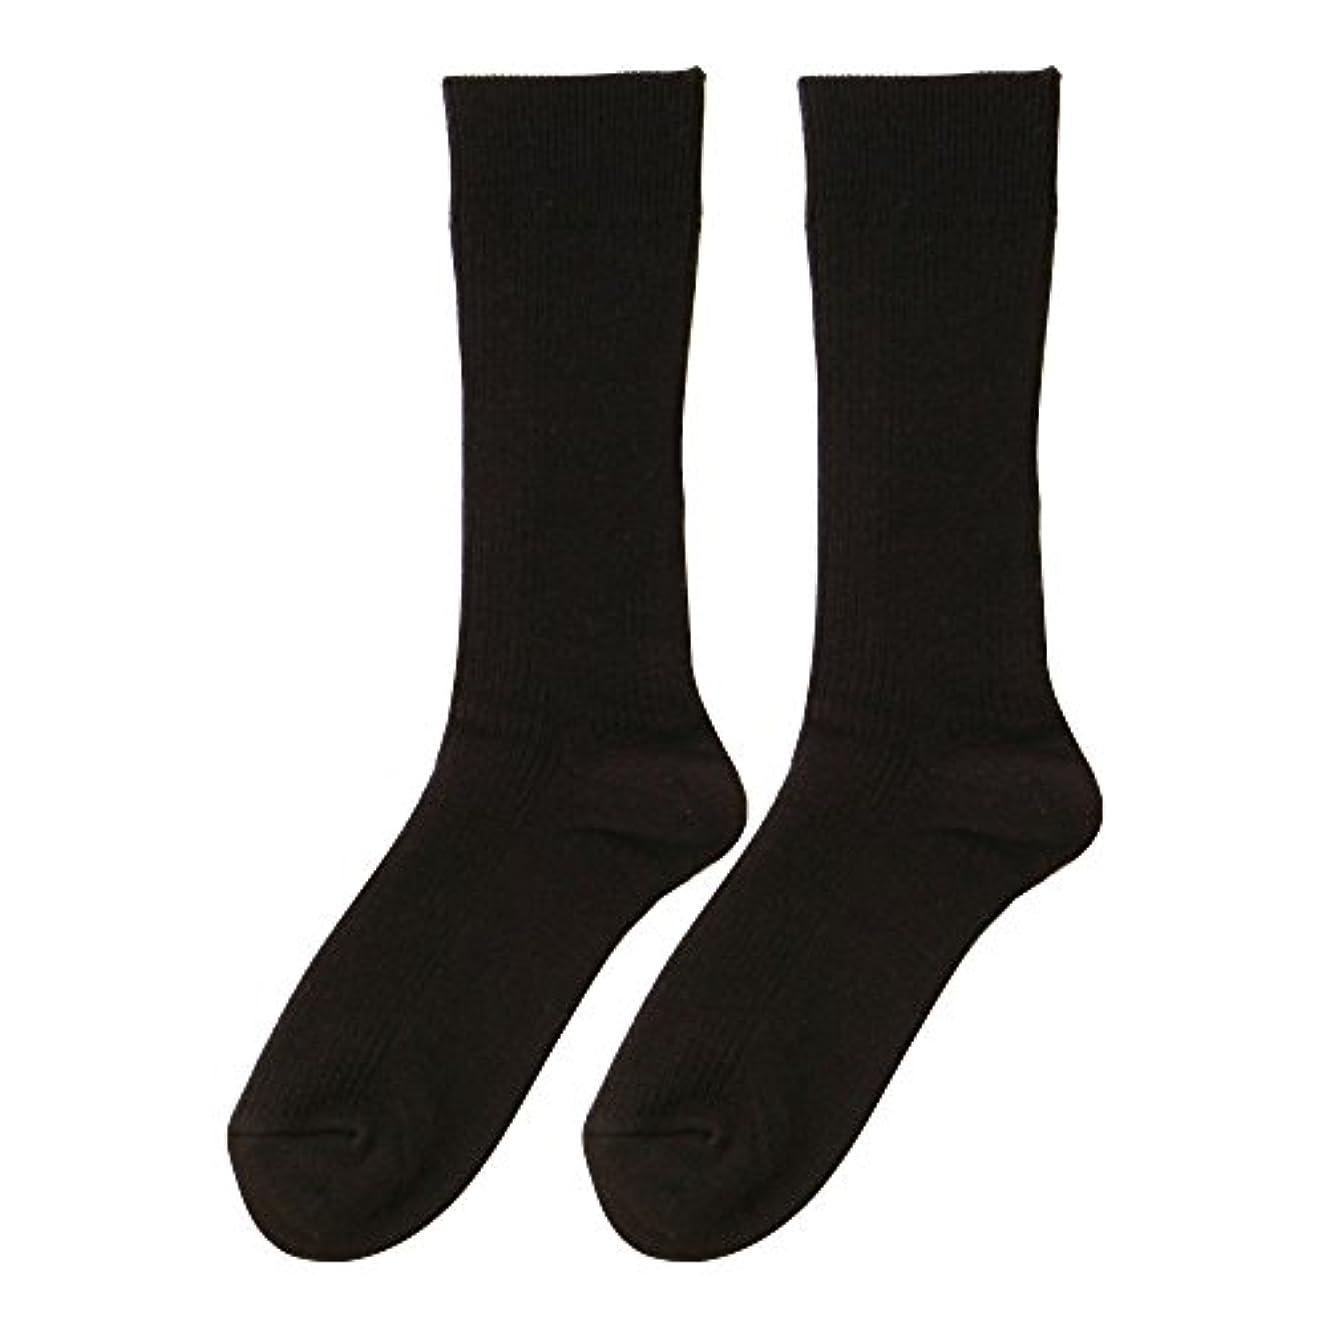 暴露する運ぶペンスひだまり ダブルソックス 紳士用 靴下[24~26cm] クロ